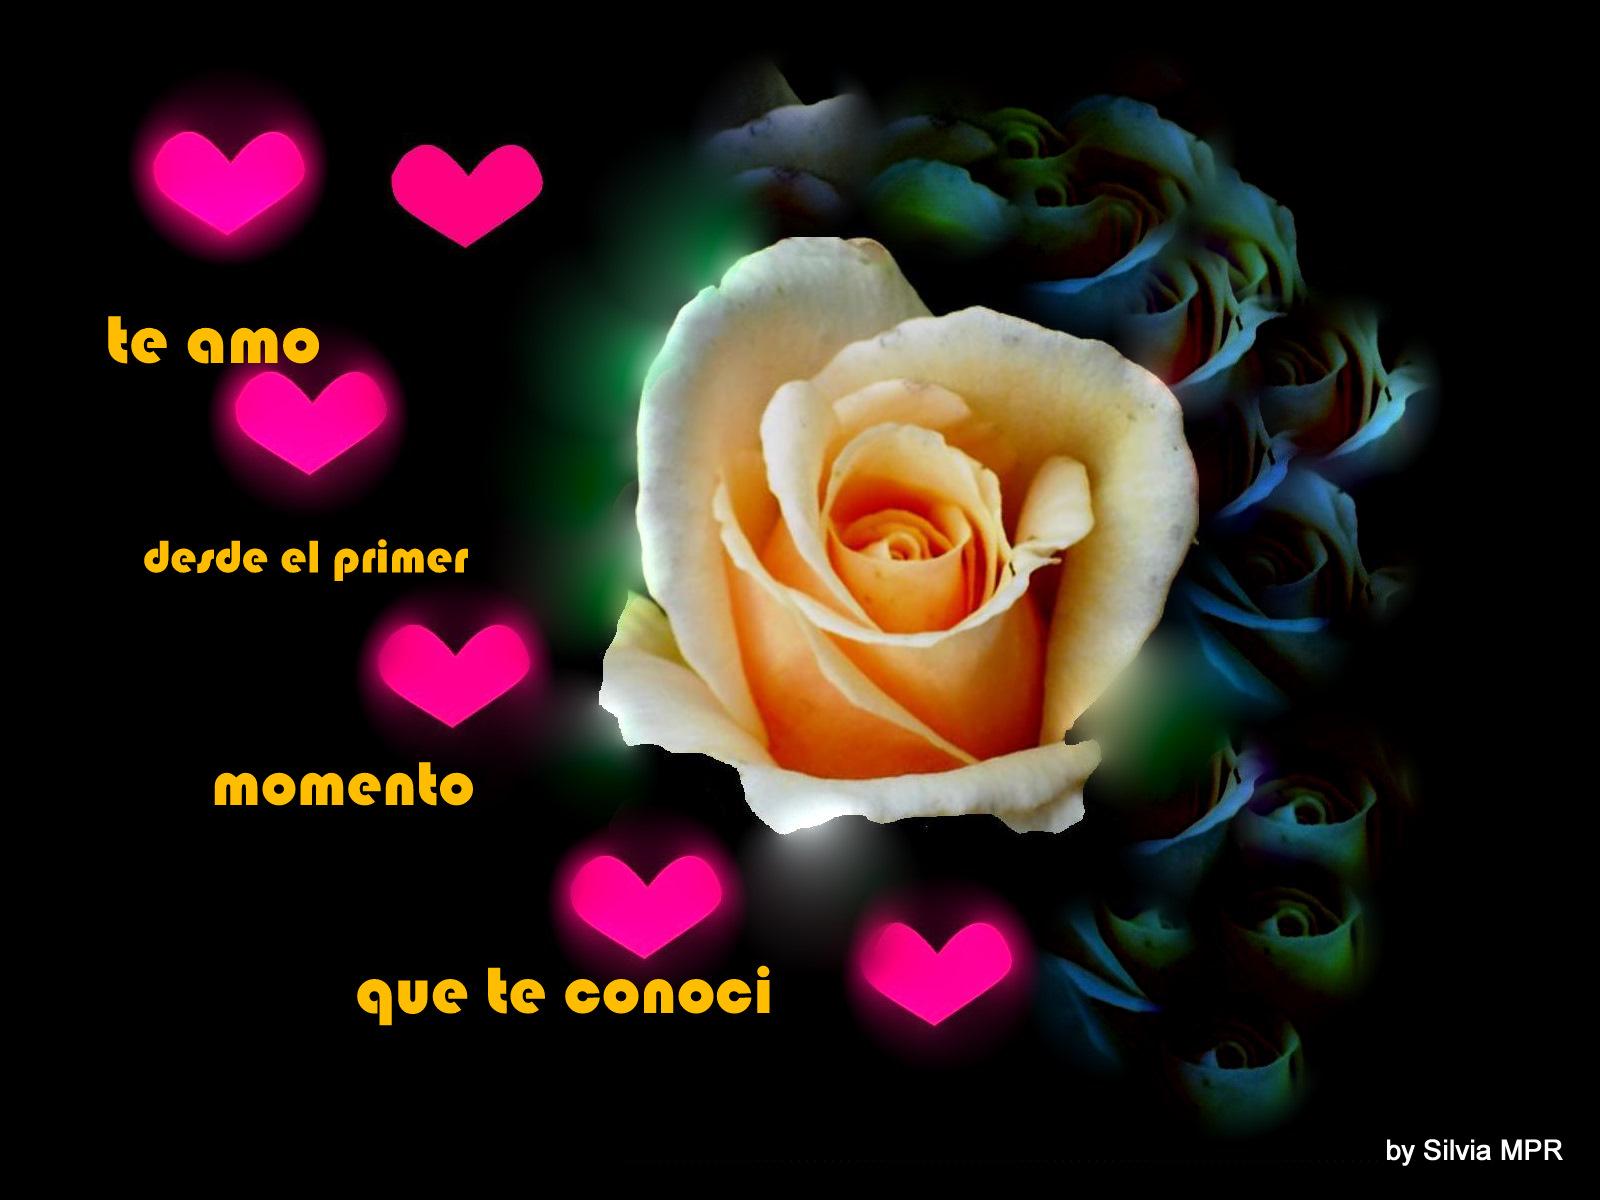 Poemas de amor. Versos románticos y poemas. San Valentin